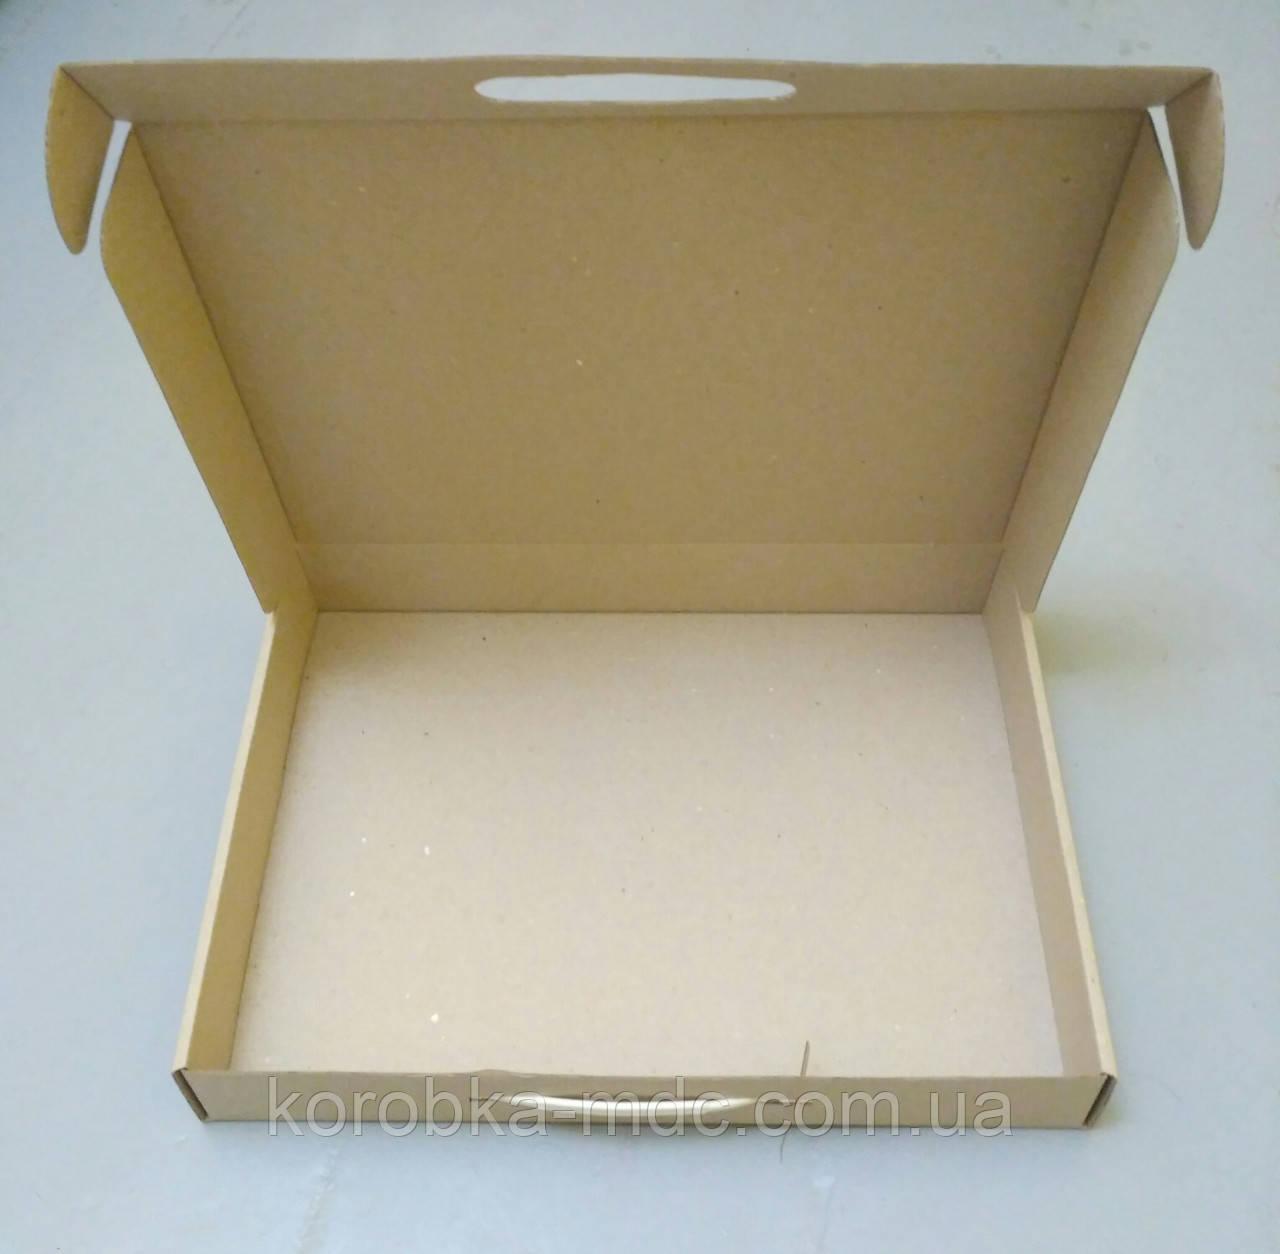 Коробка самосборная 374х288х54  (шкатулка) под постельное белье